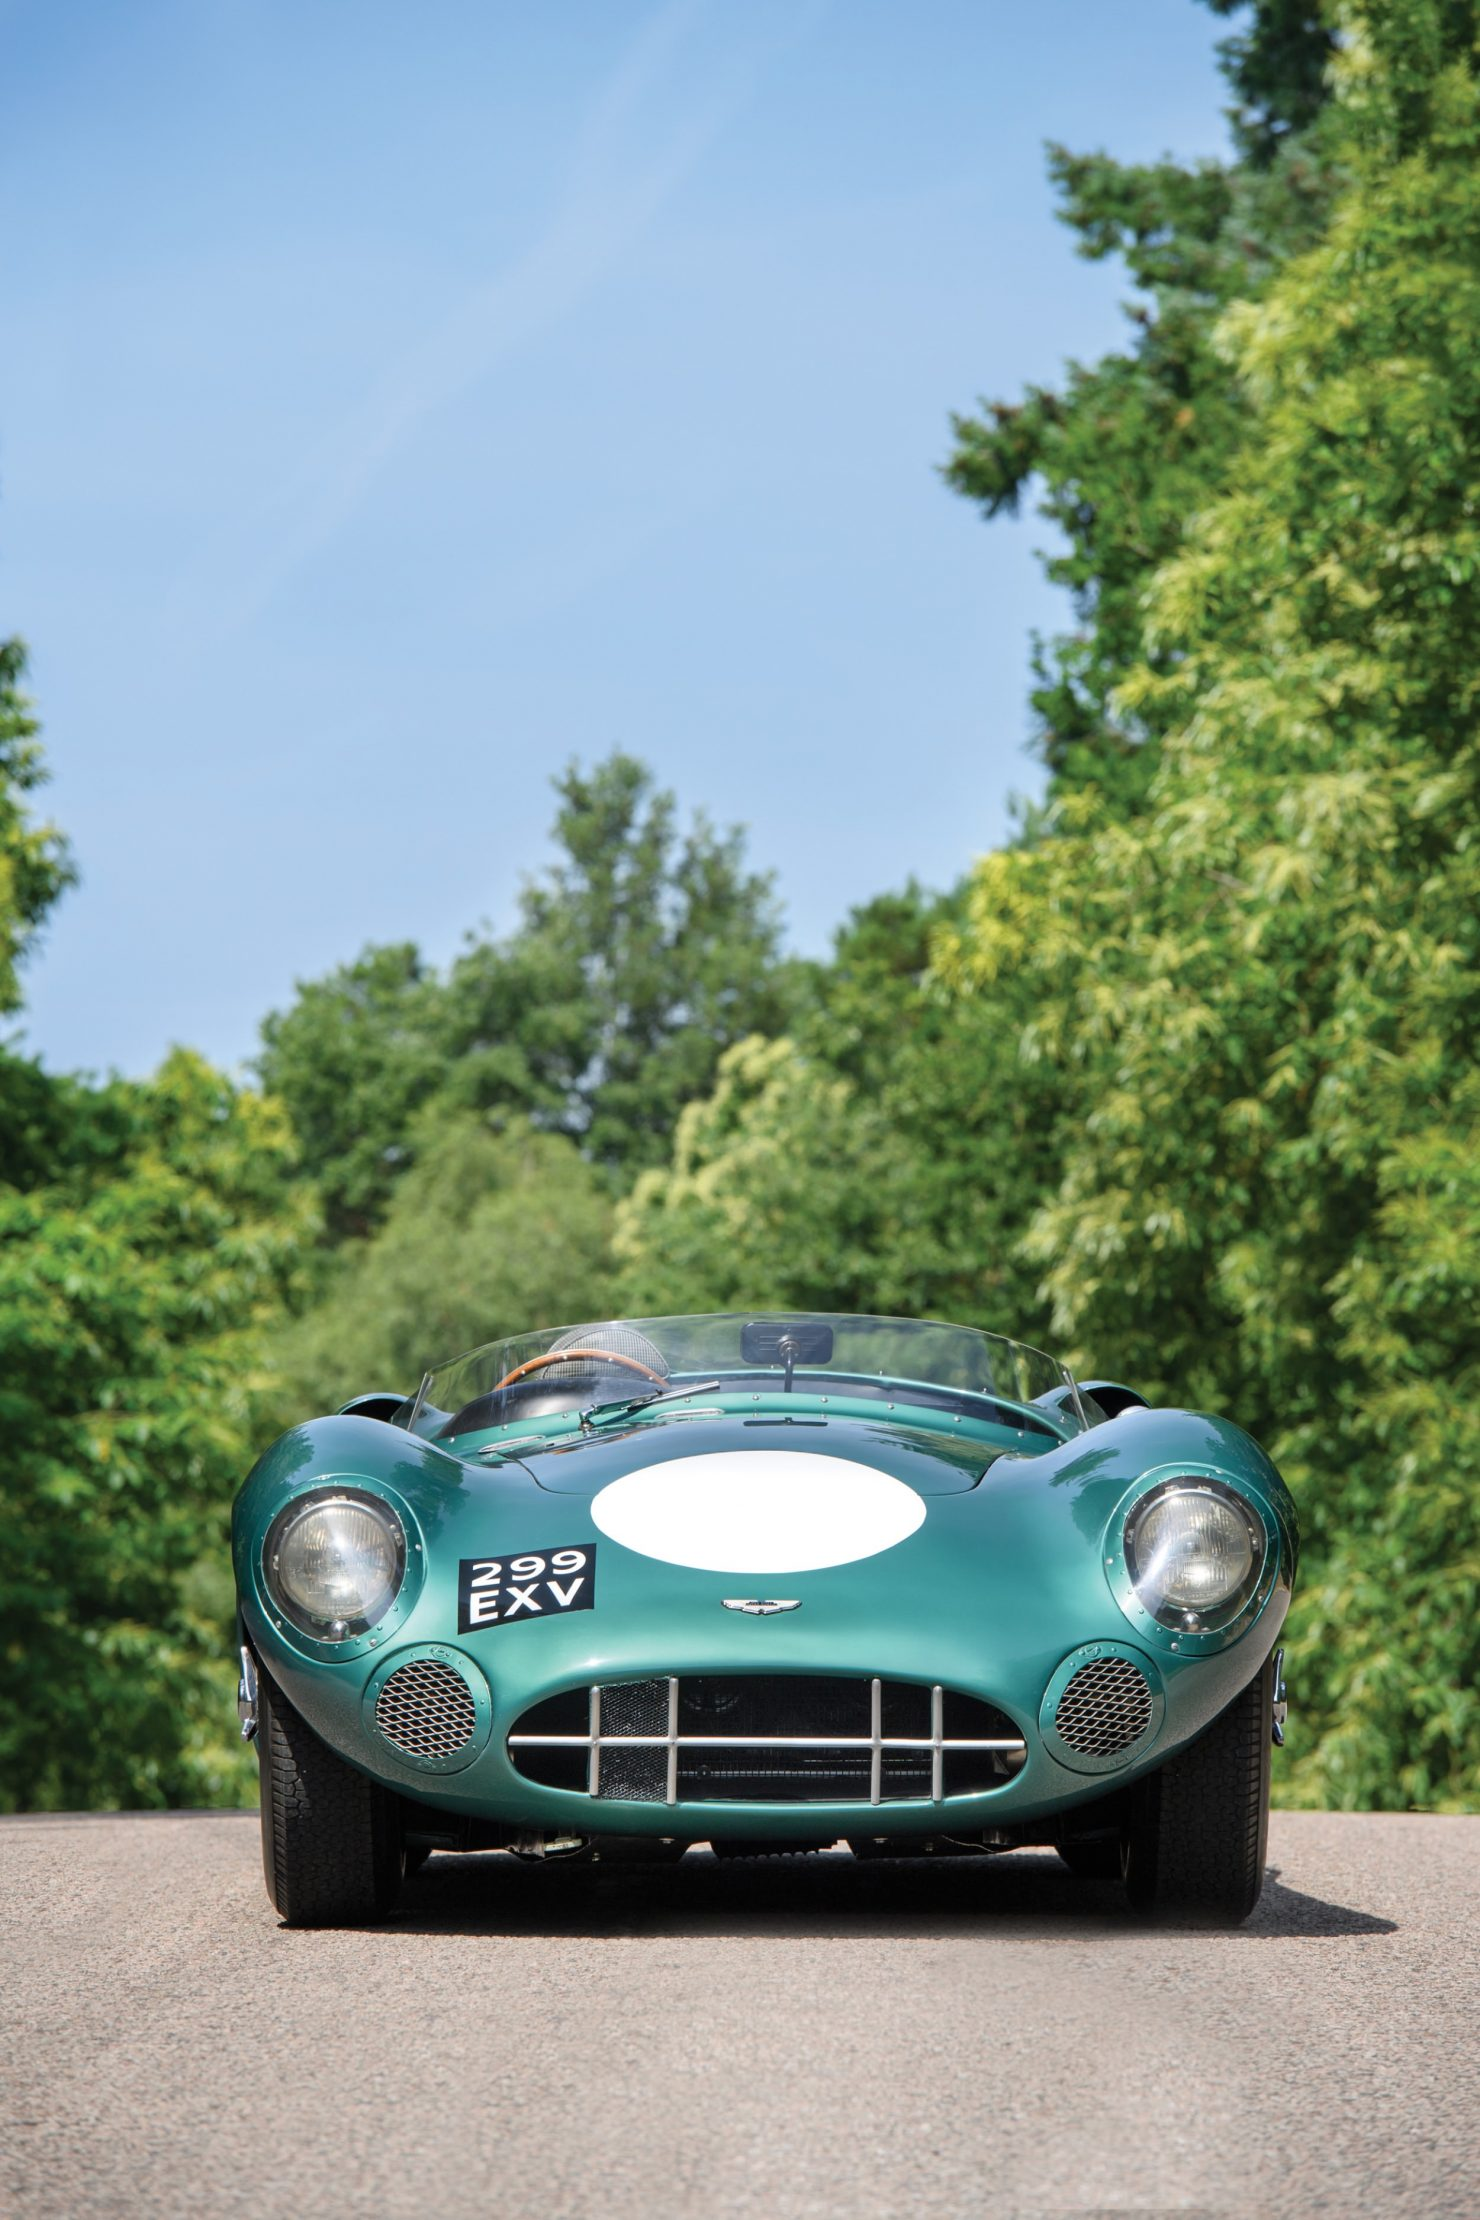 aston martin dbr1 6 1480x2220 - 1956 Aston Martin DBR1